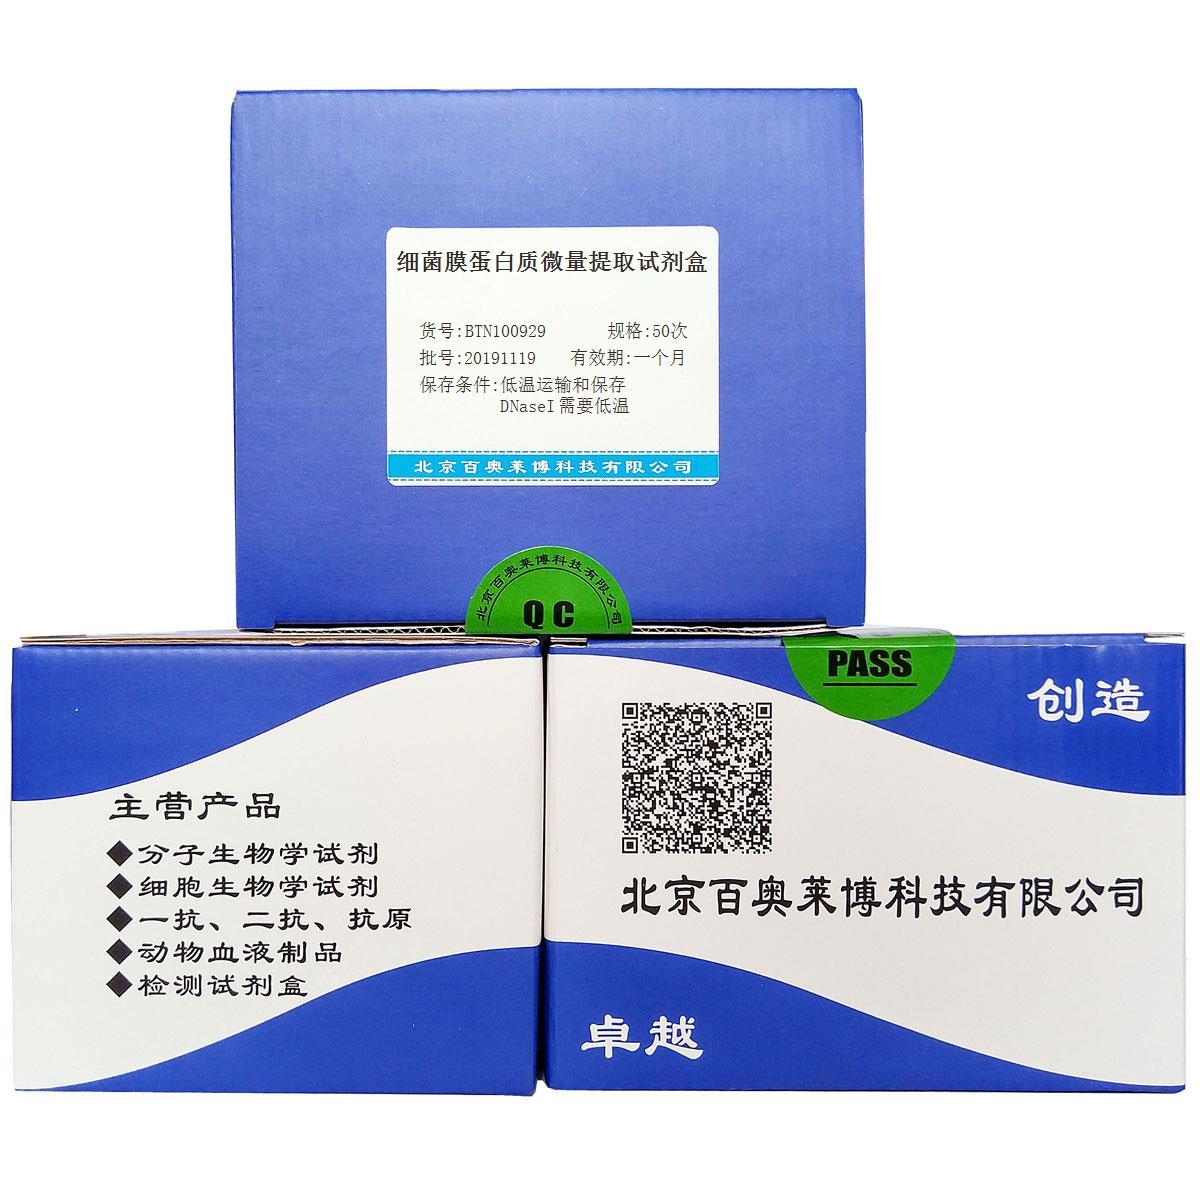 细菌膜蛋白质微量提取试剂盒现货供应